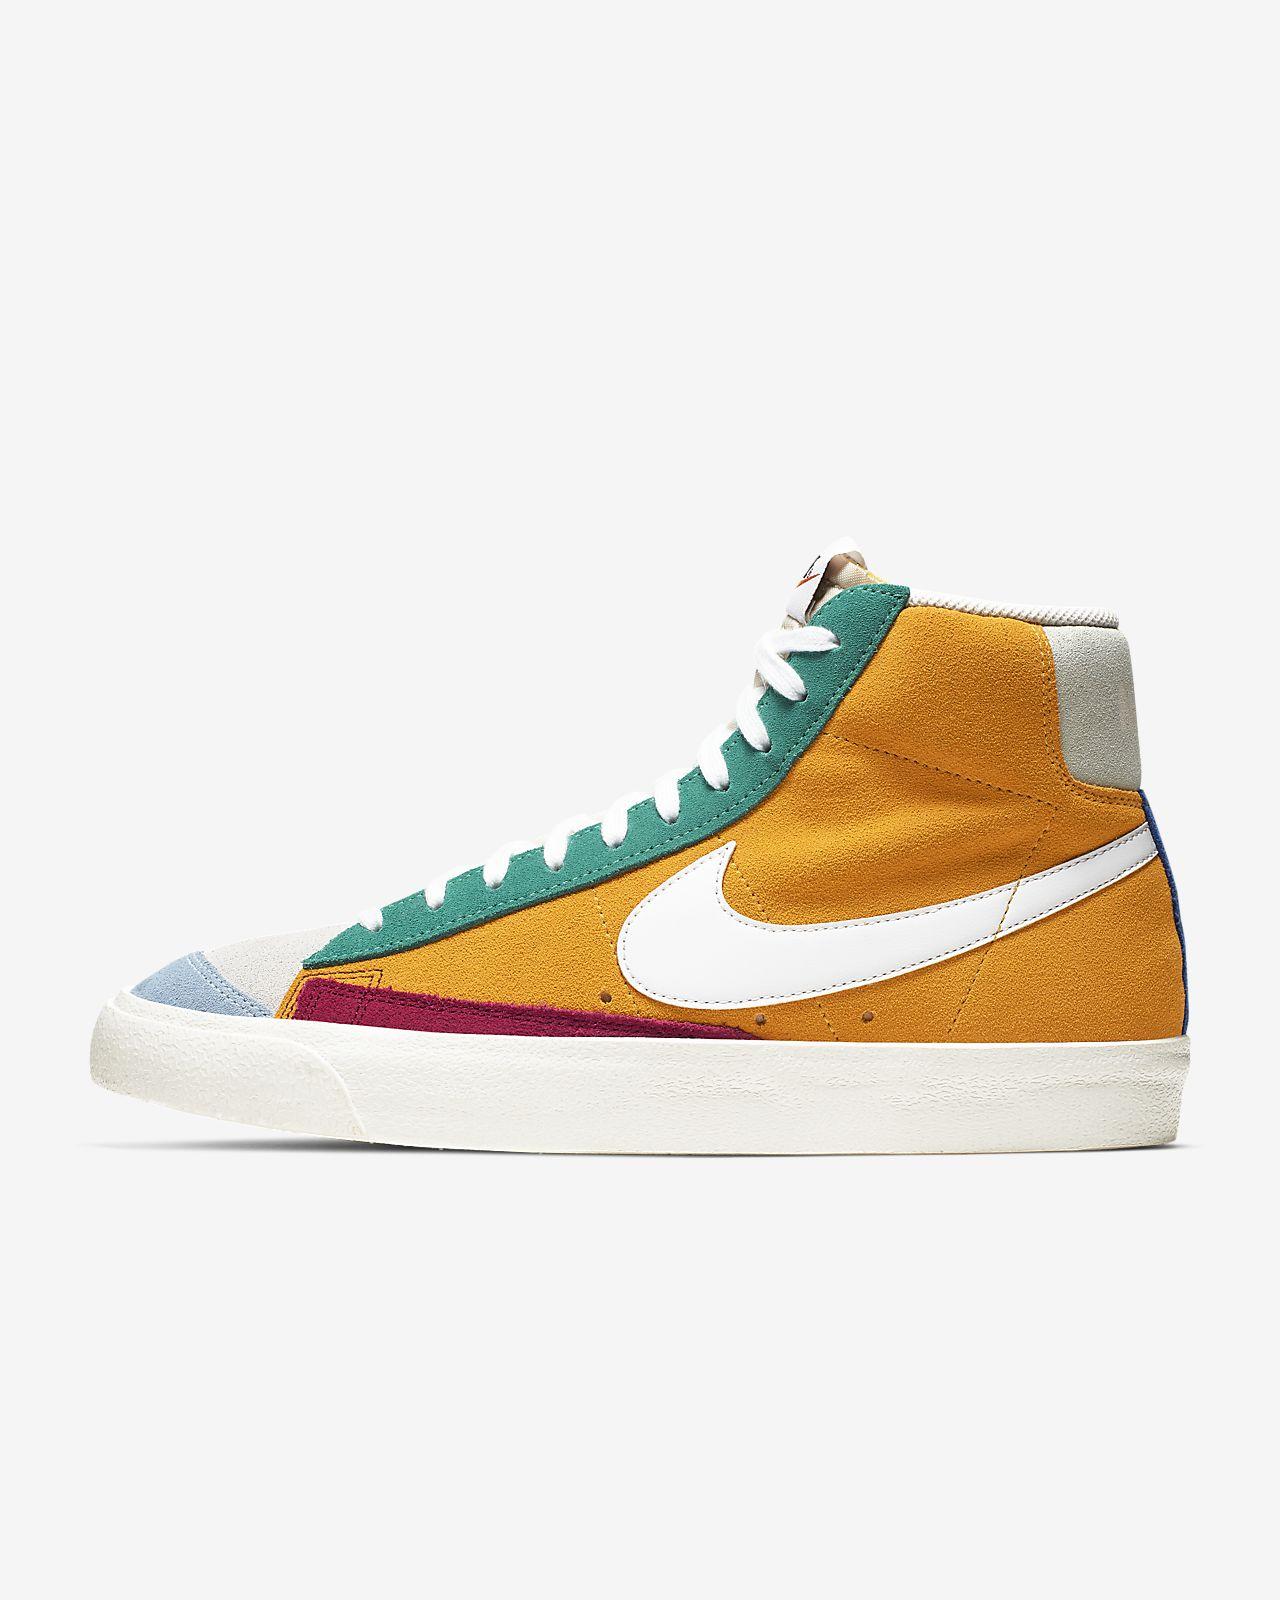 Calzado para hombre Nike Blazer Mid '77 Vintage Suede